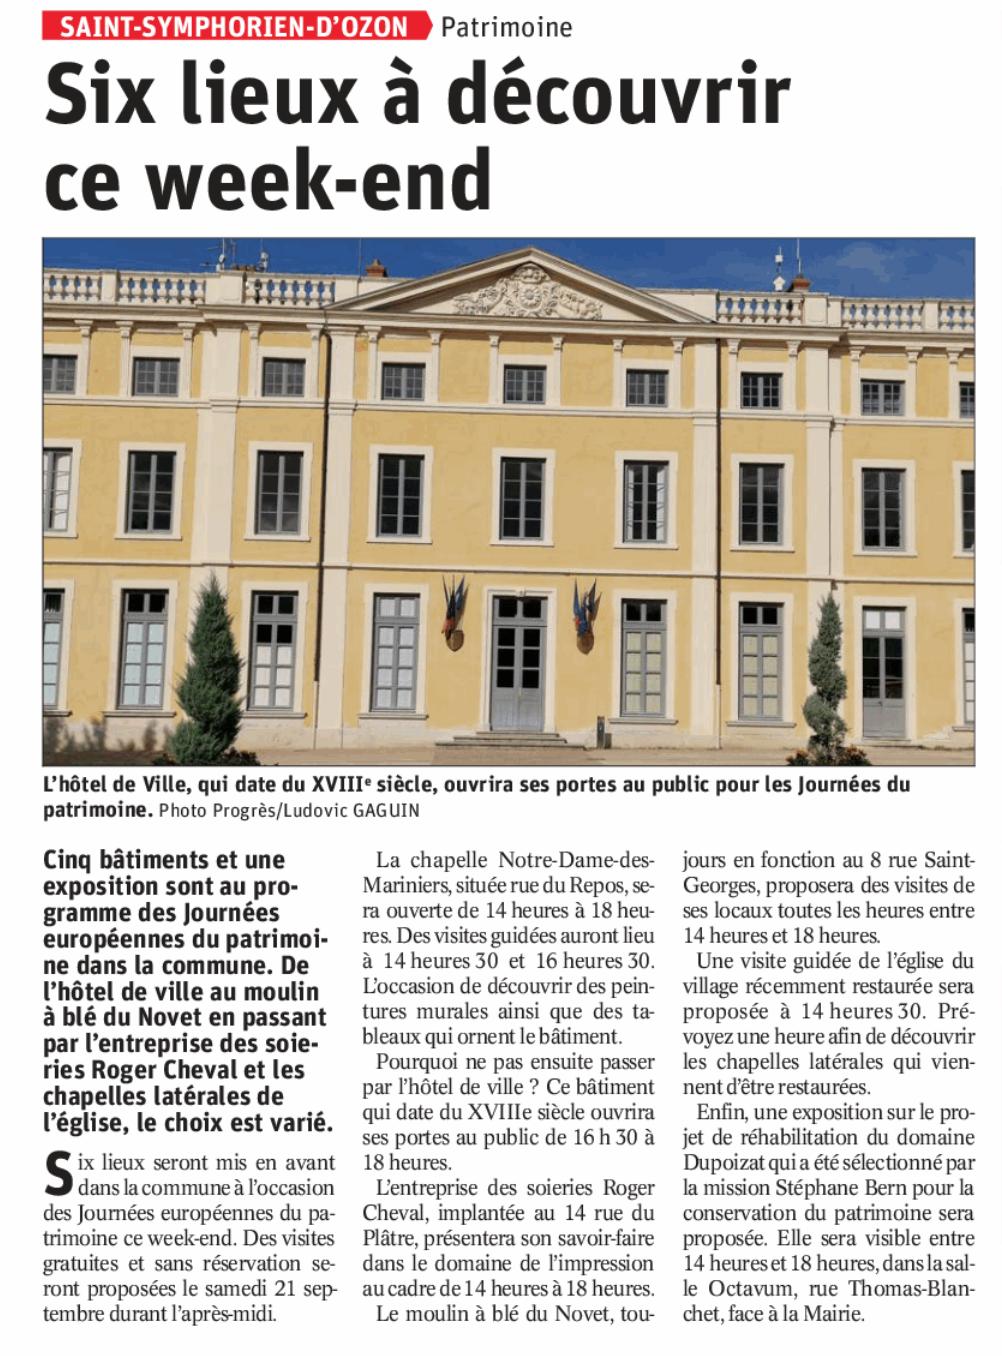 Saint-Symphorien d'Ozon = Patrimoine